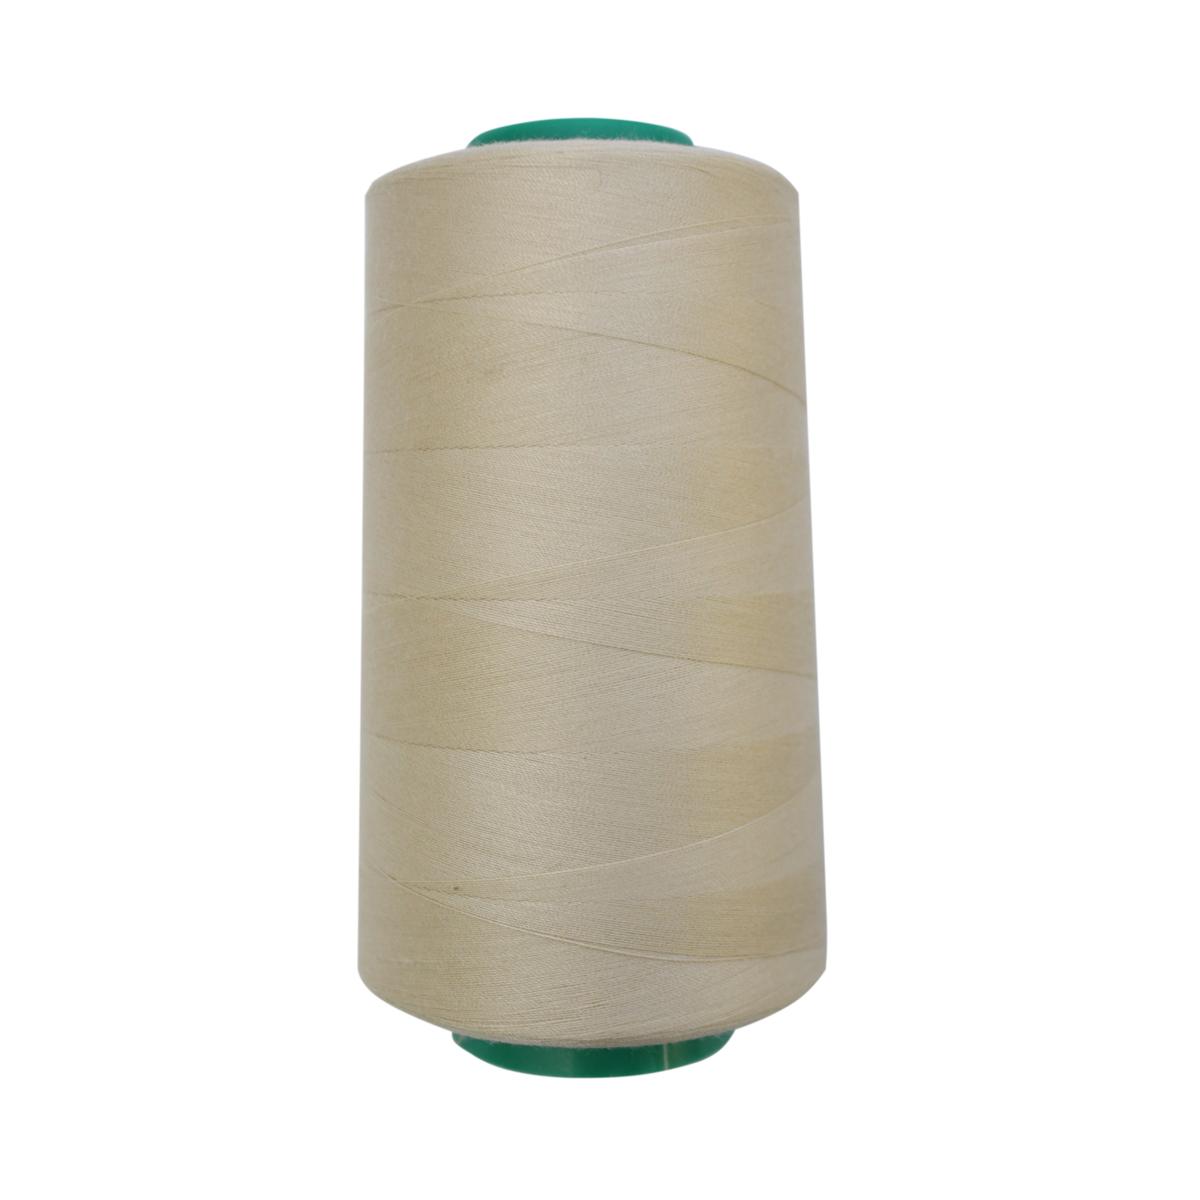 Нитки для шитья Bestex 50/2, 5000 ярд, цвет: молочно-бежевый (202)7700936-202Сфера использования: трикотаж; ткани малого веса; оверлочные швы; отделка краев; вышивка. Размер игл №70-80